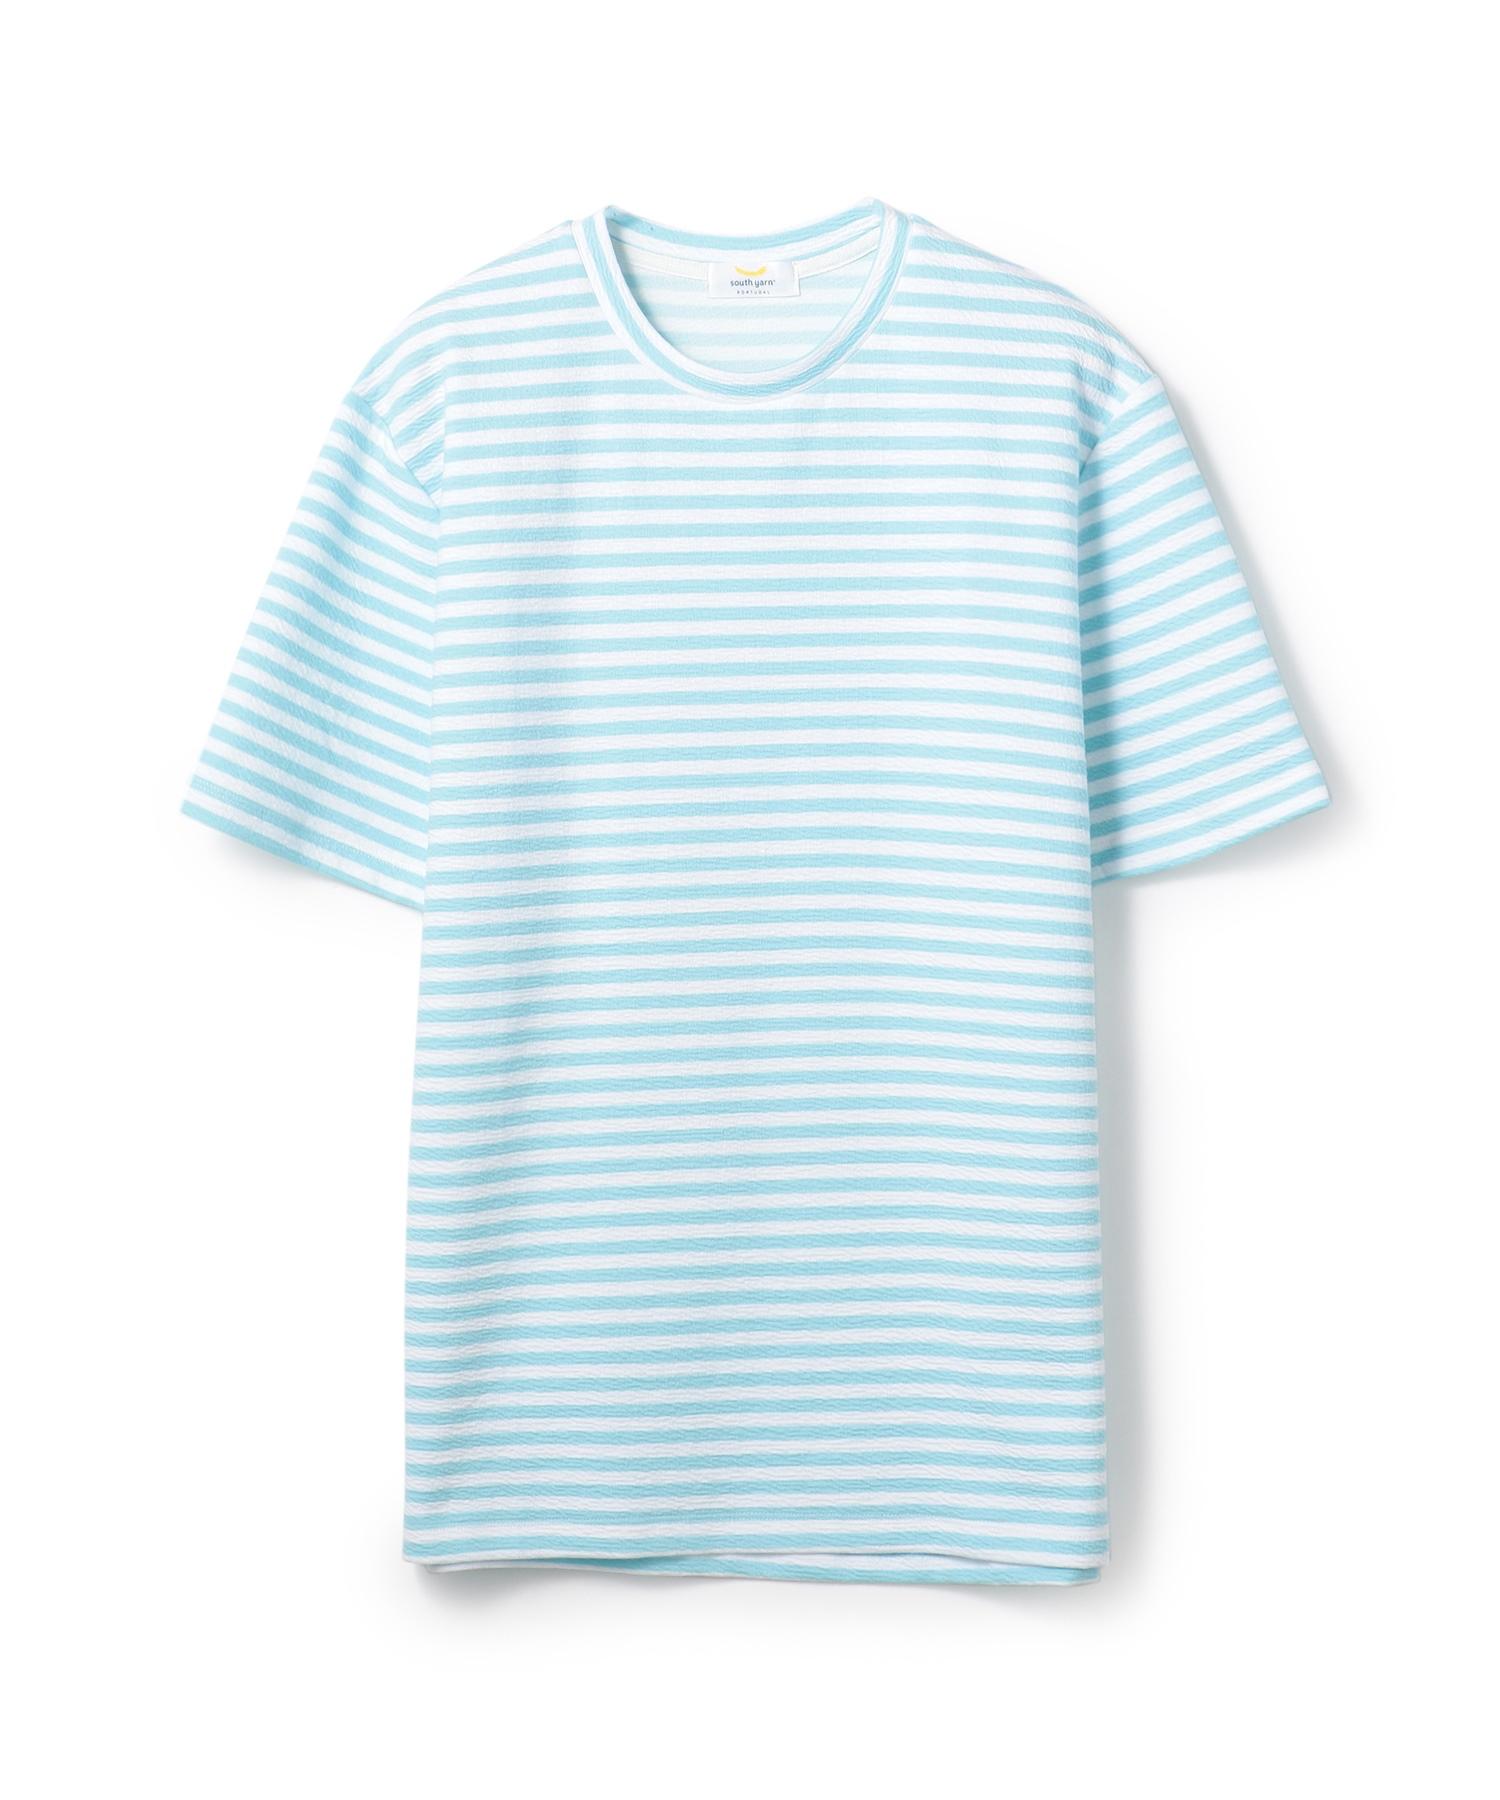 SOUTH YERN / ショートスリーブボーダーTシャツ《ESTNATION EXCLUSIVE》